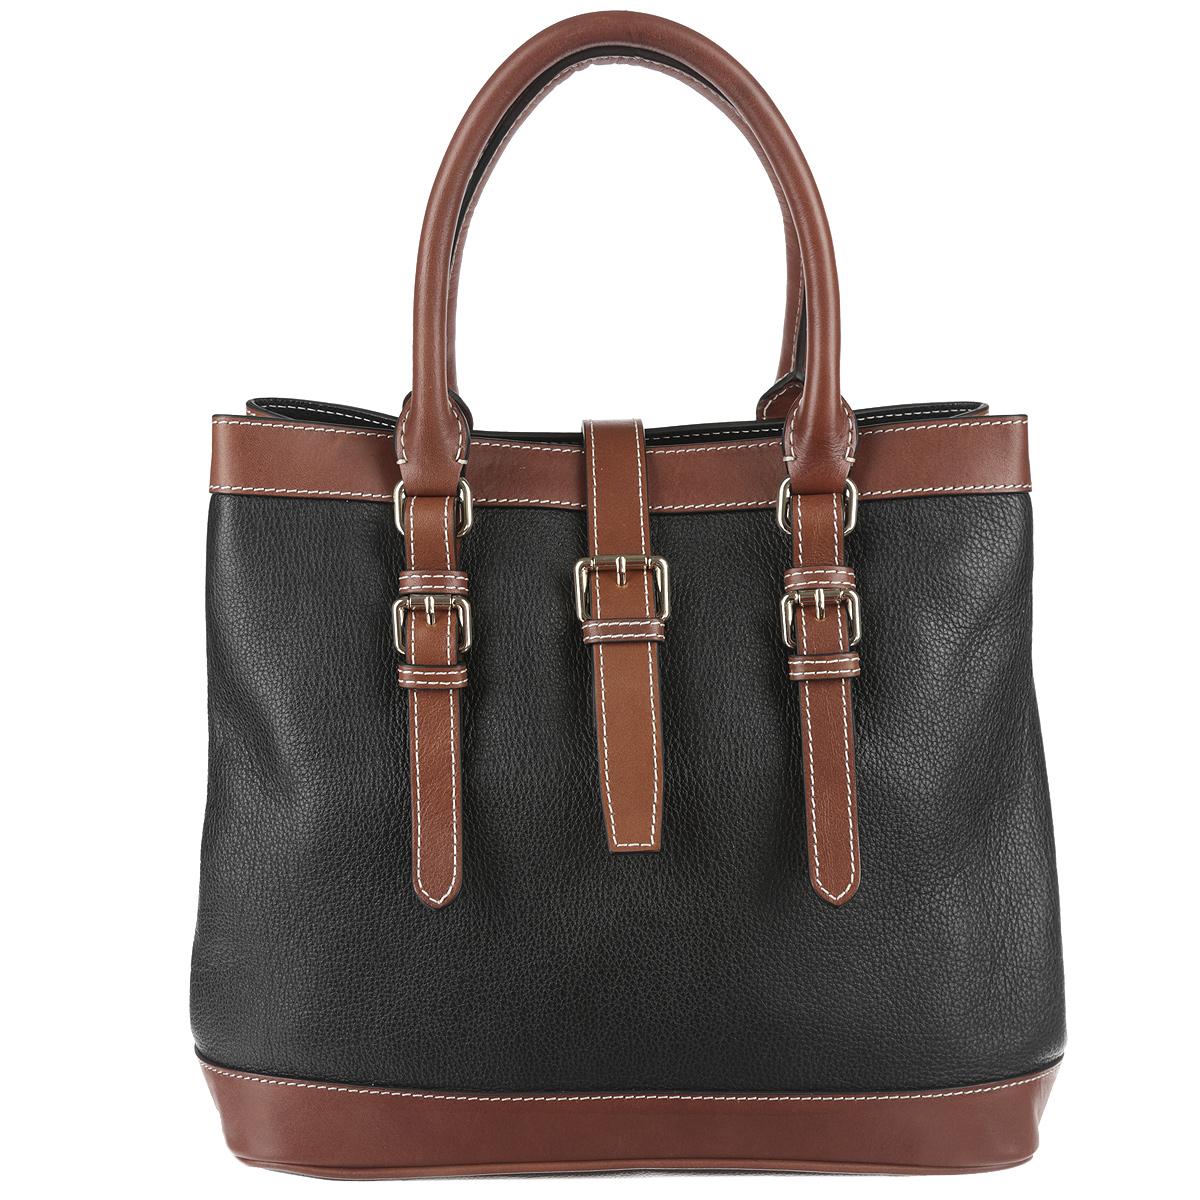 Сумка женскя Frija, цвет: черный, коричневый. 21-0161-1323008Стильная женская сумка Frija выполнена из натуральной кожи в классическом стиле. Внутри сумки одно основное отделение и два внутренних кармана для телефона и мелочей, два из которых на молнии. Снаружи сумка закрывается на молнию и на хлястик на магните, по бокам крепится кнопками, поэтому ее можно носить в развернутом виде. Высота ручек 14 см. Высота плечевого ремня 137 см.В комплекте чехол для хранения.Роскошная сумка внесёт элегантные нотки в ваш образ и подчеркнёт отменное чувство стиля.